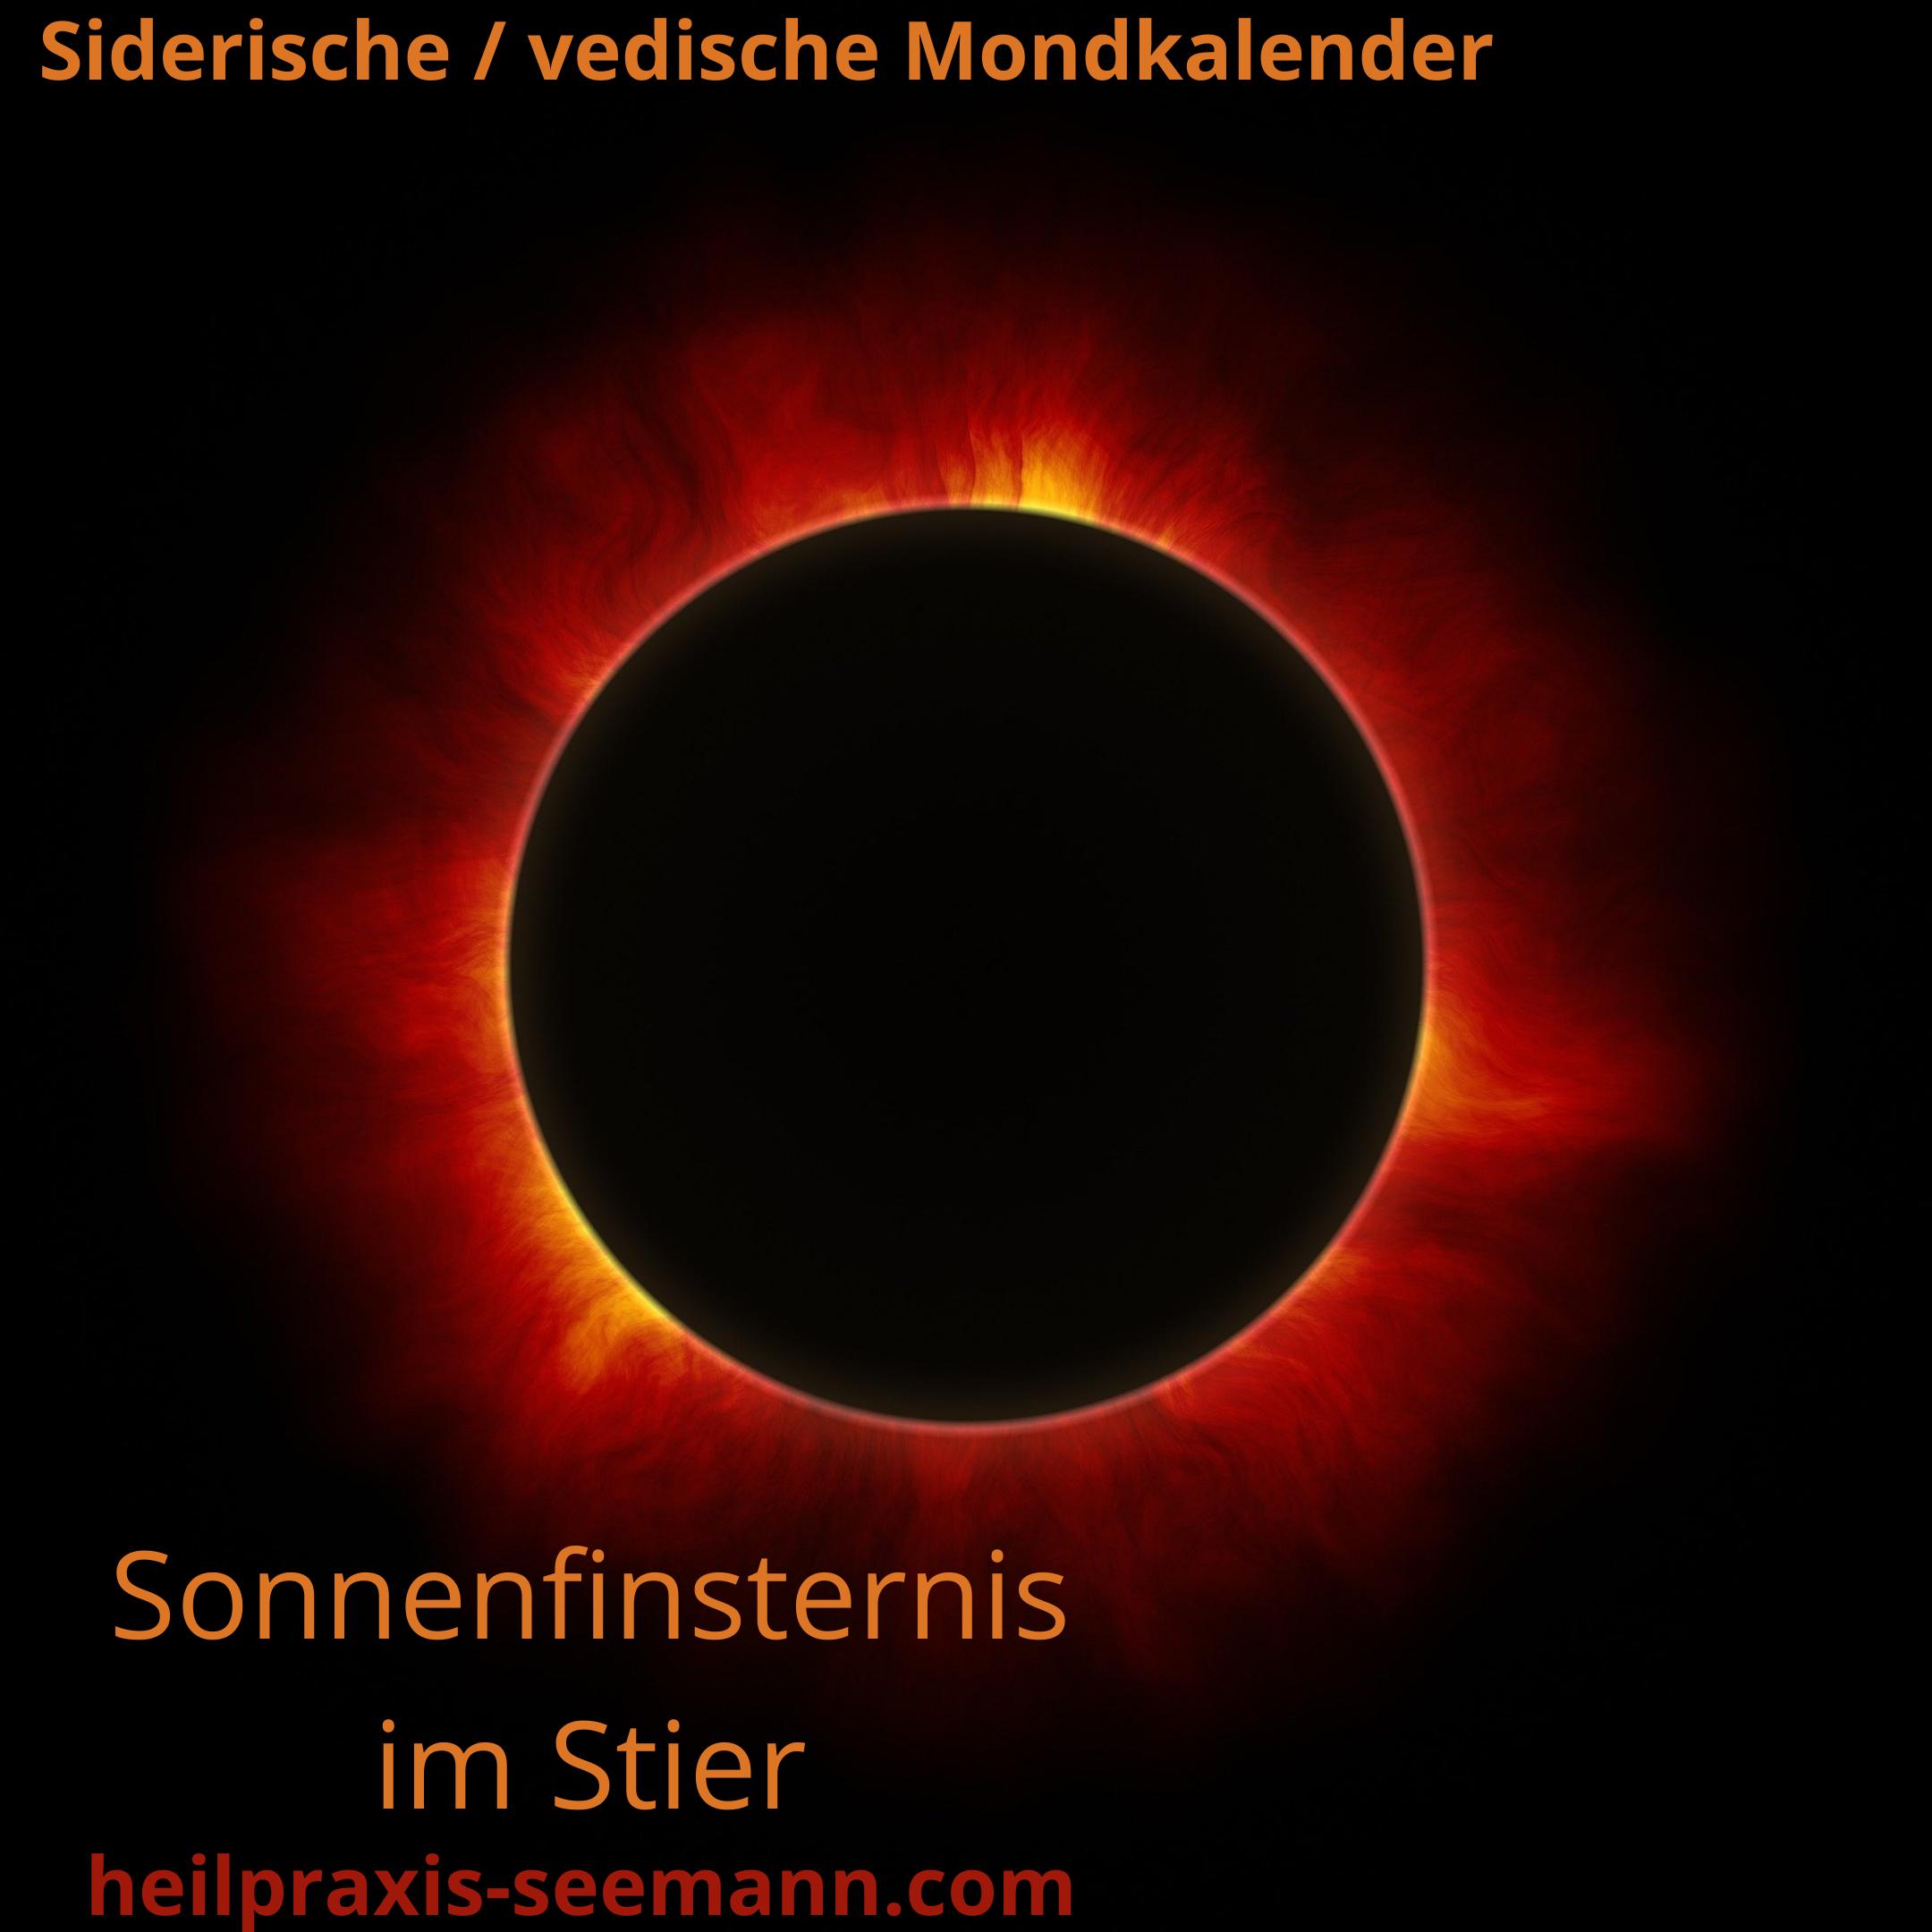 Siderische Mondkalender Sofi Stier